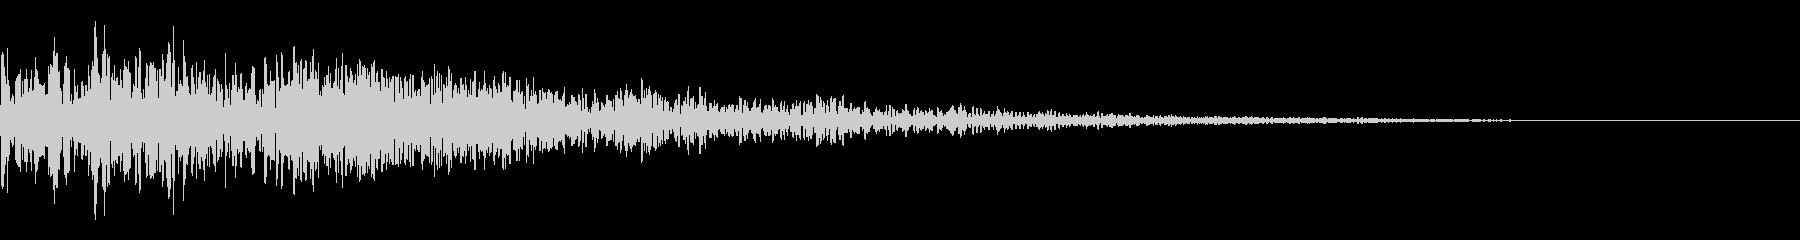 キックドラム、サスティン付きシング...の未再生の波形